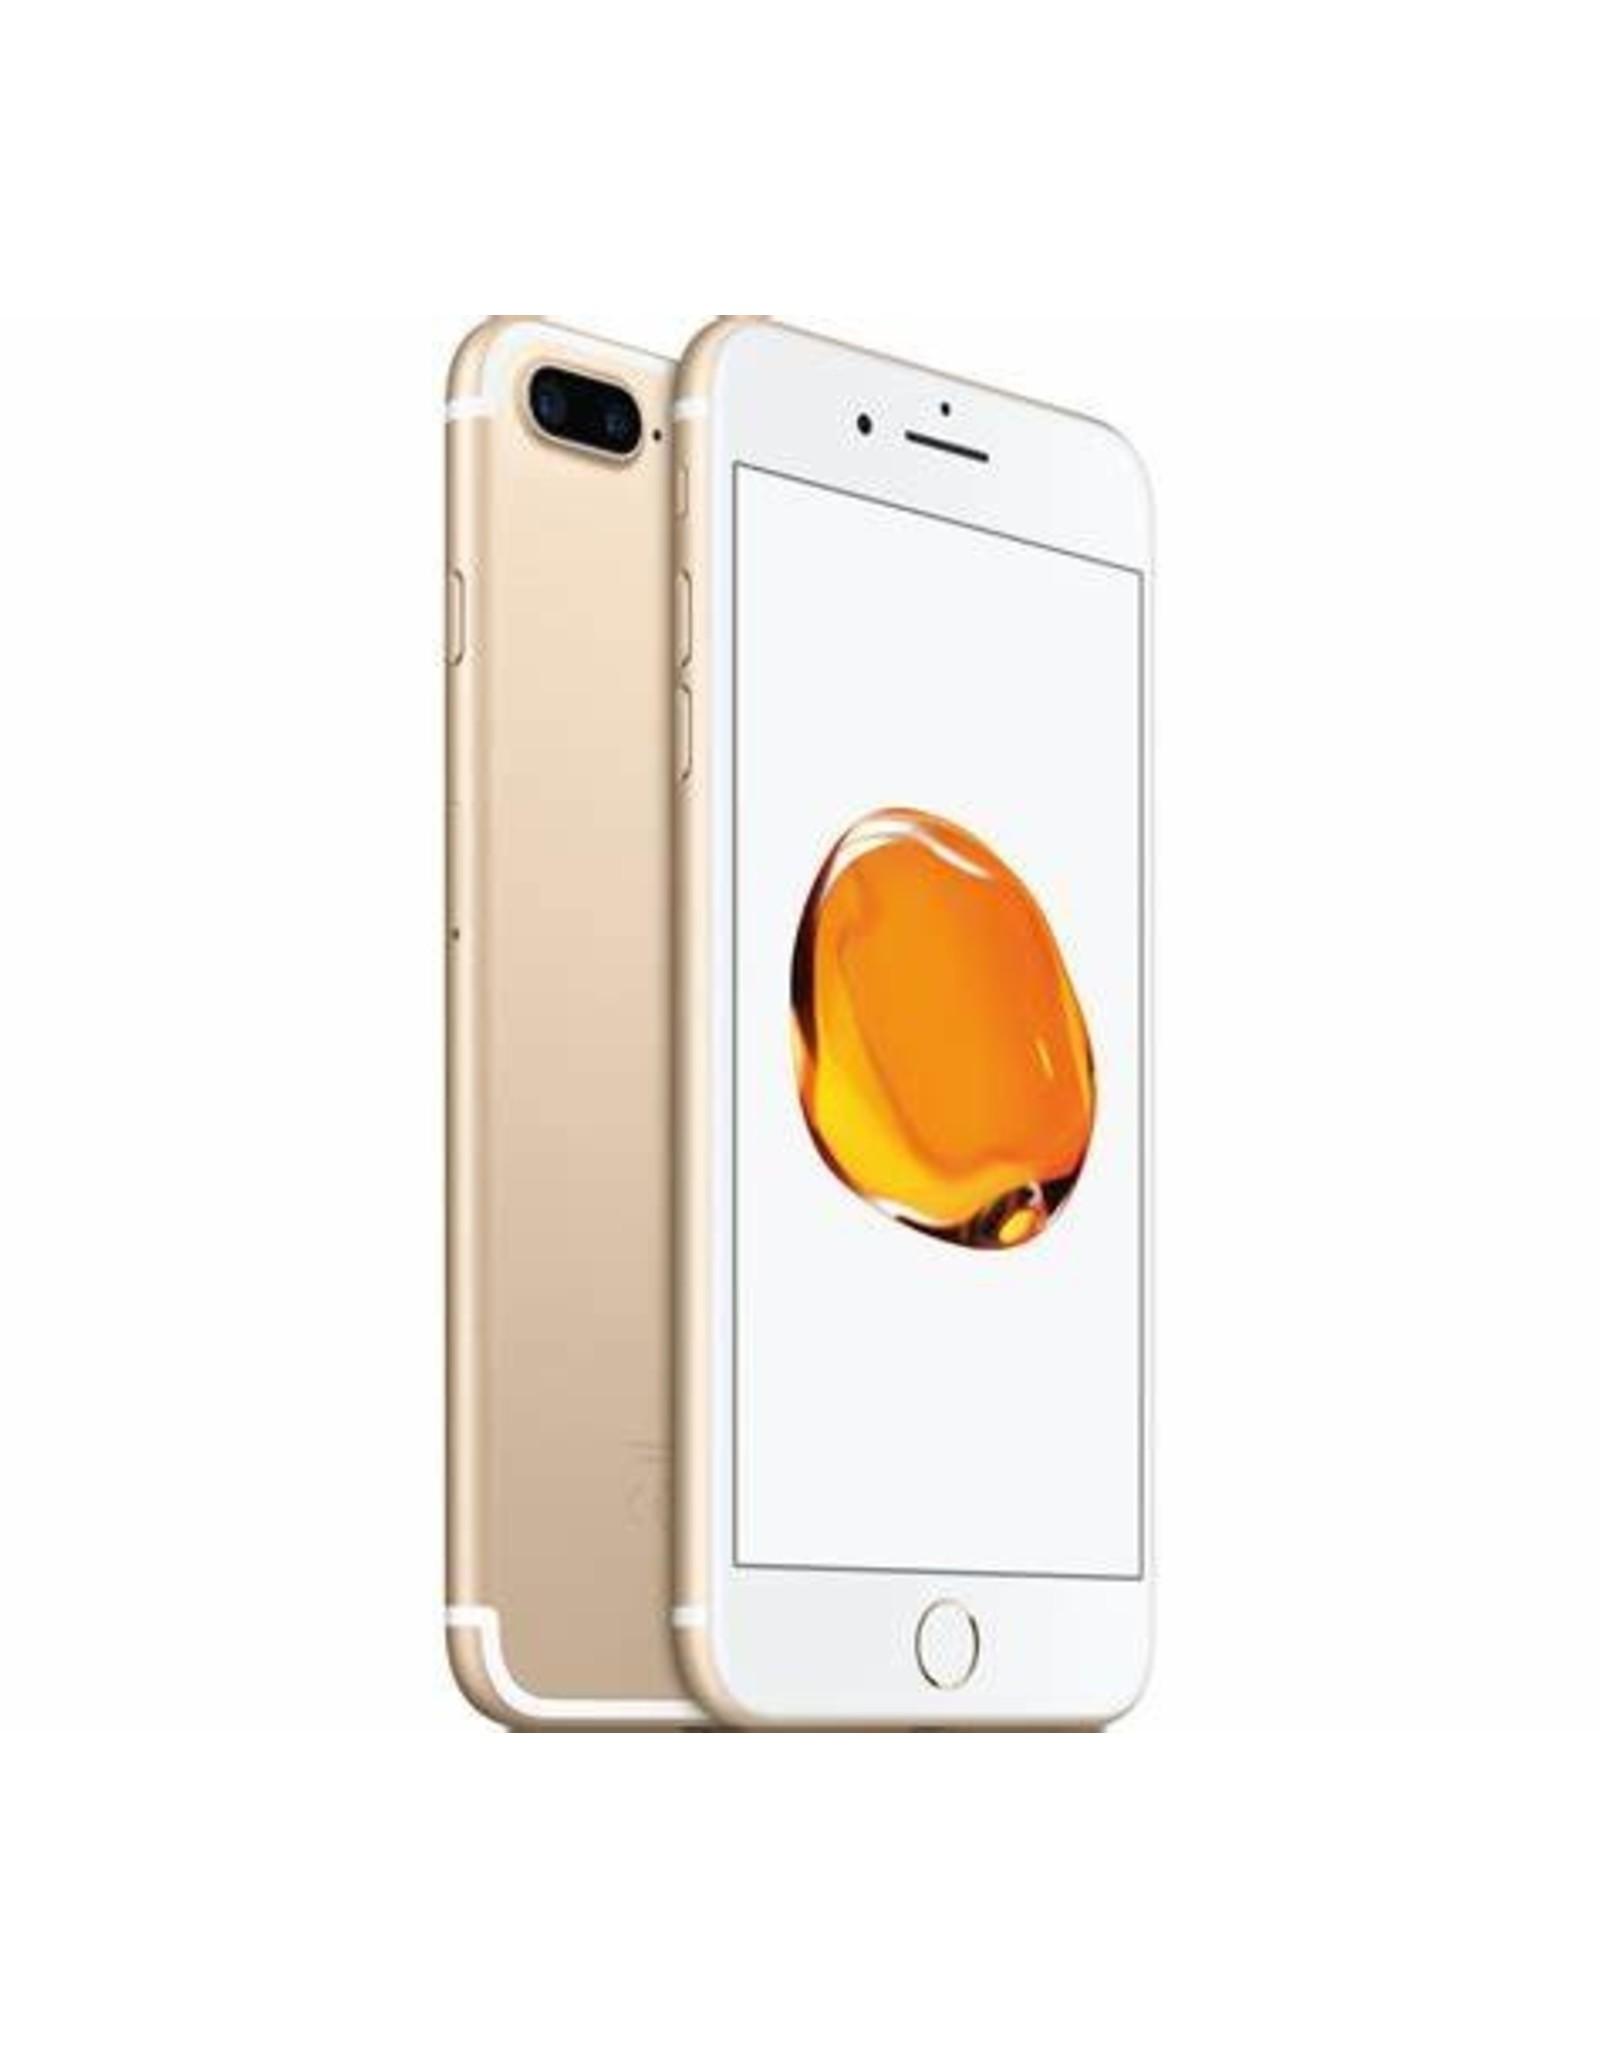 Accessories IPHONE 7 PLUS 128GB - GOLD